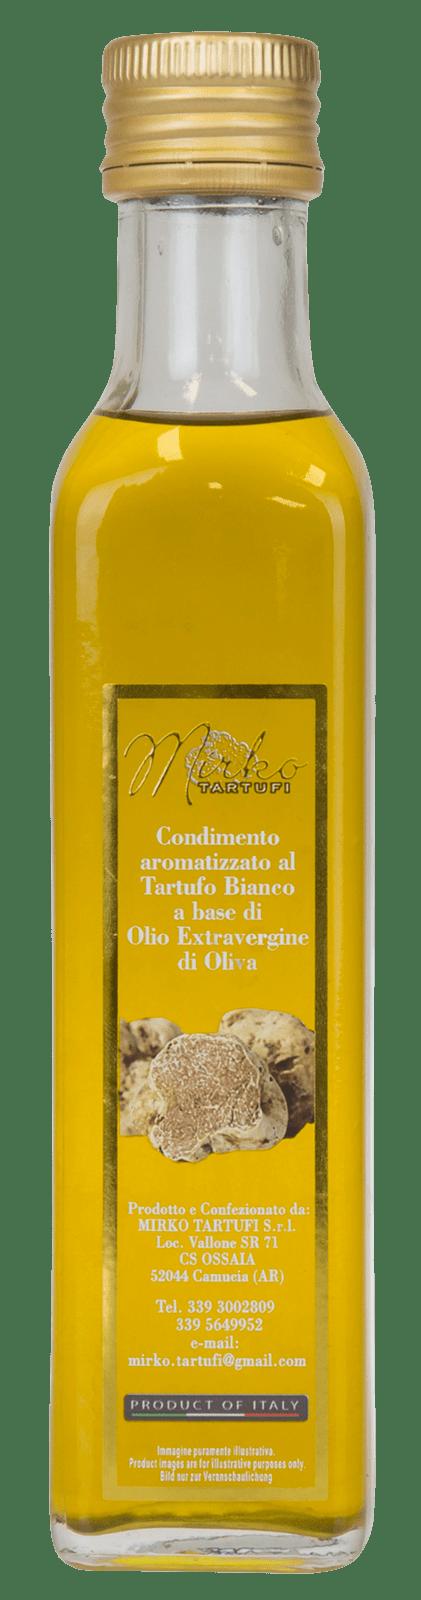 Mirko Tartufi | Olio bianco